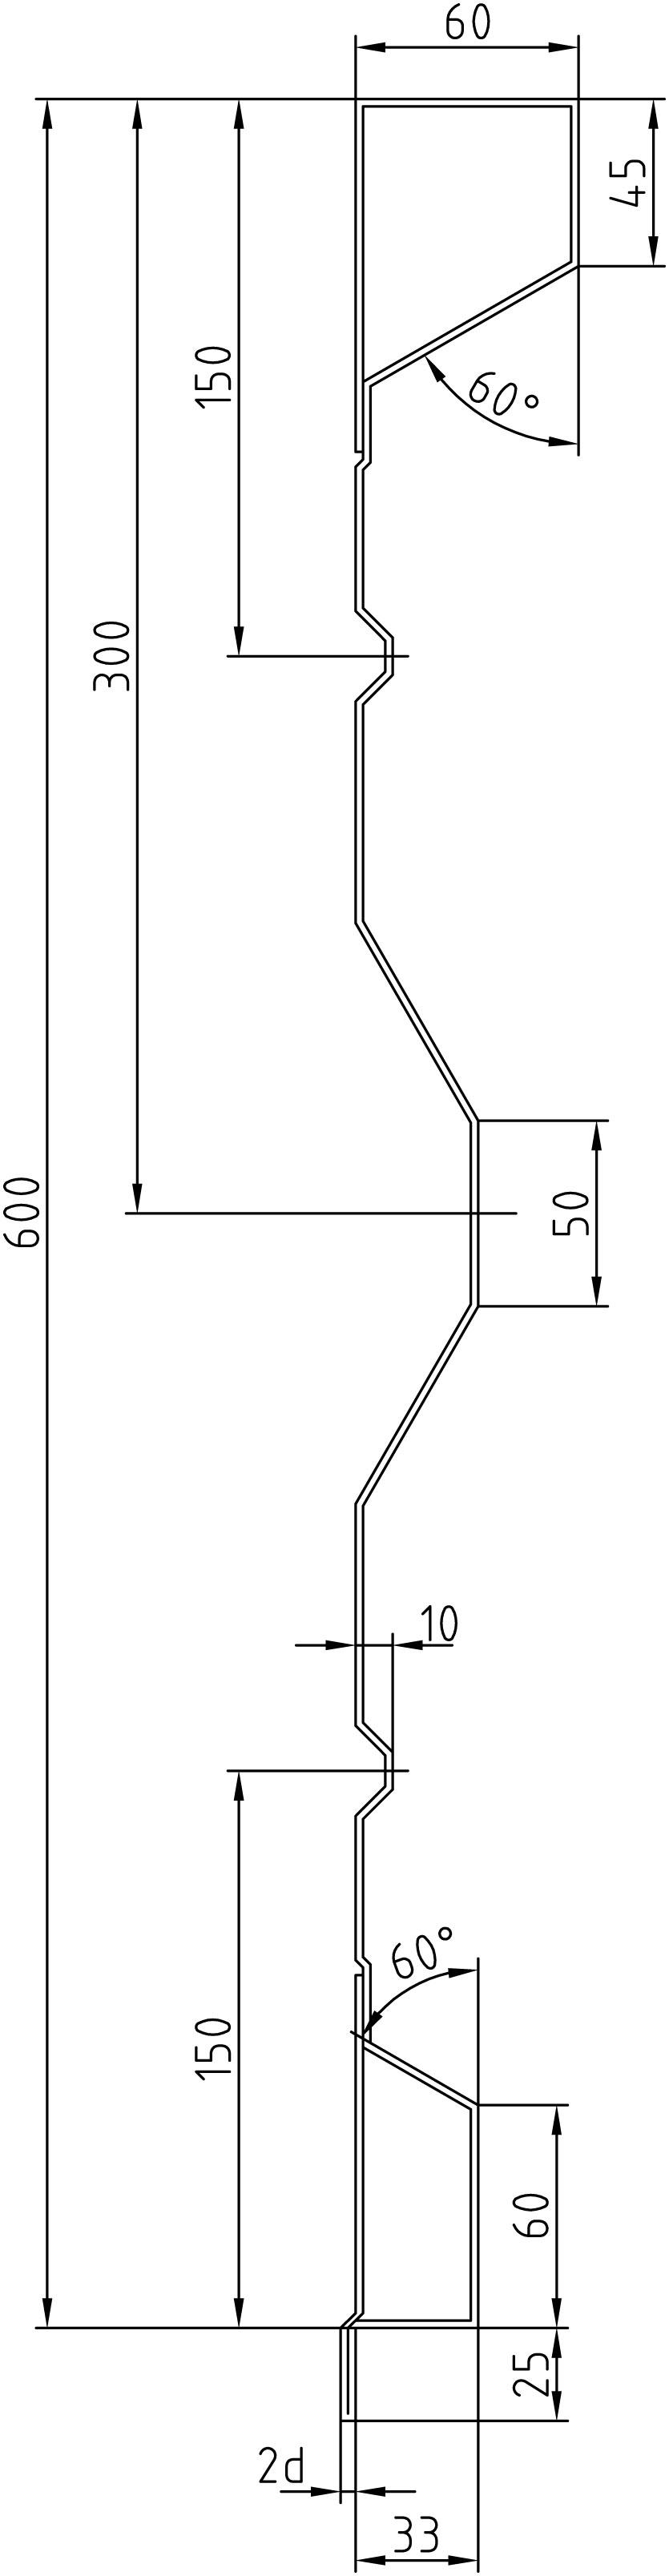 Brantner Kipper und Anhänger - 600x2x3940 attachment board with trailing edges